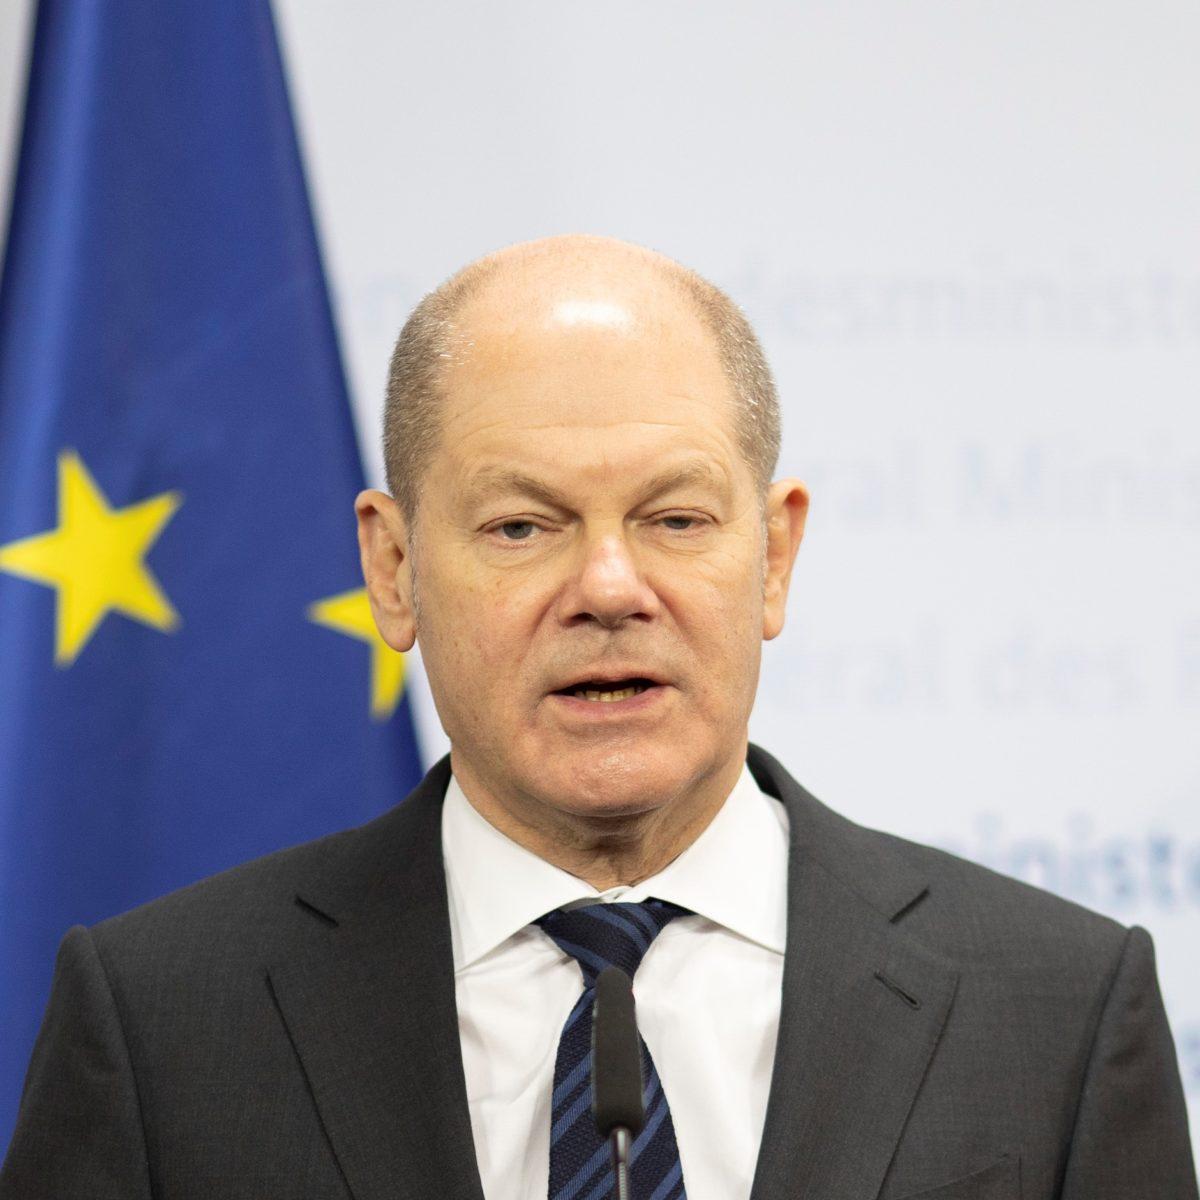 Ripresa del mercato dei capitali: l'UE conferma le modifiche